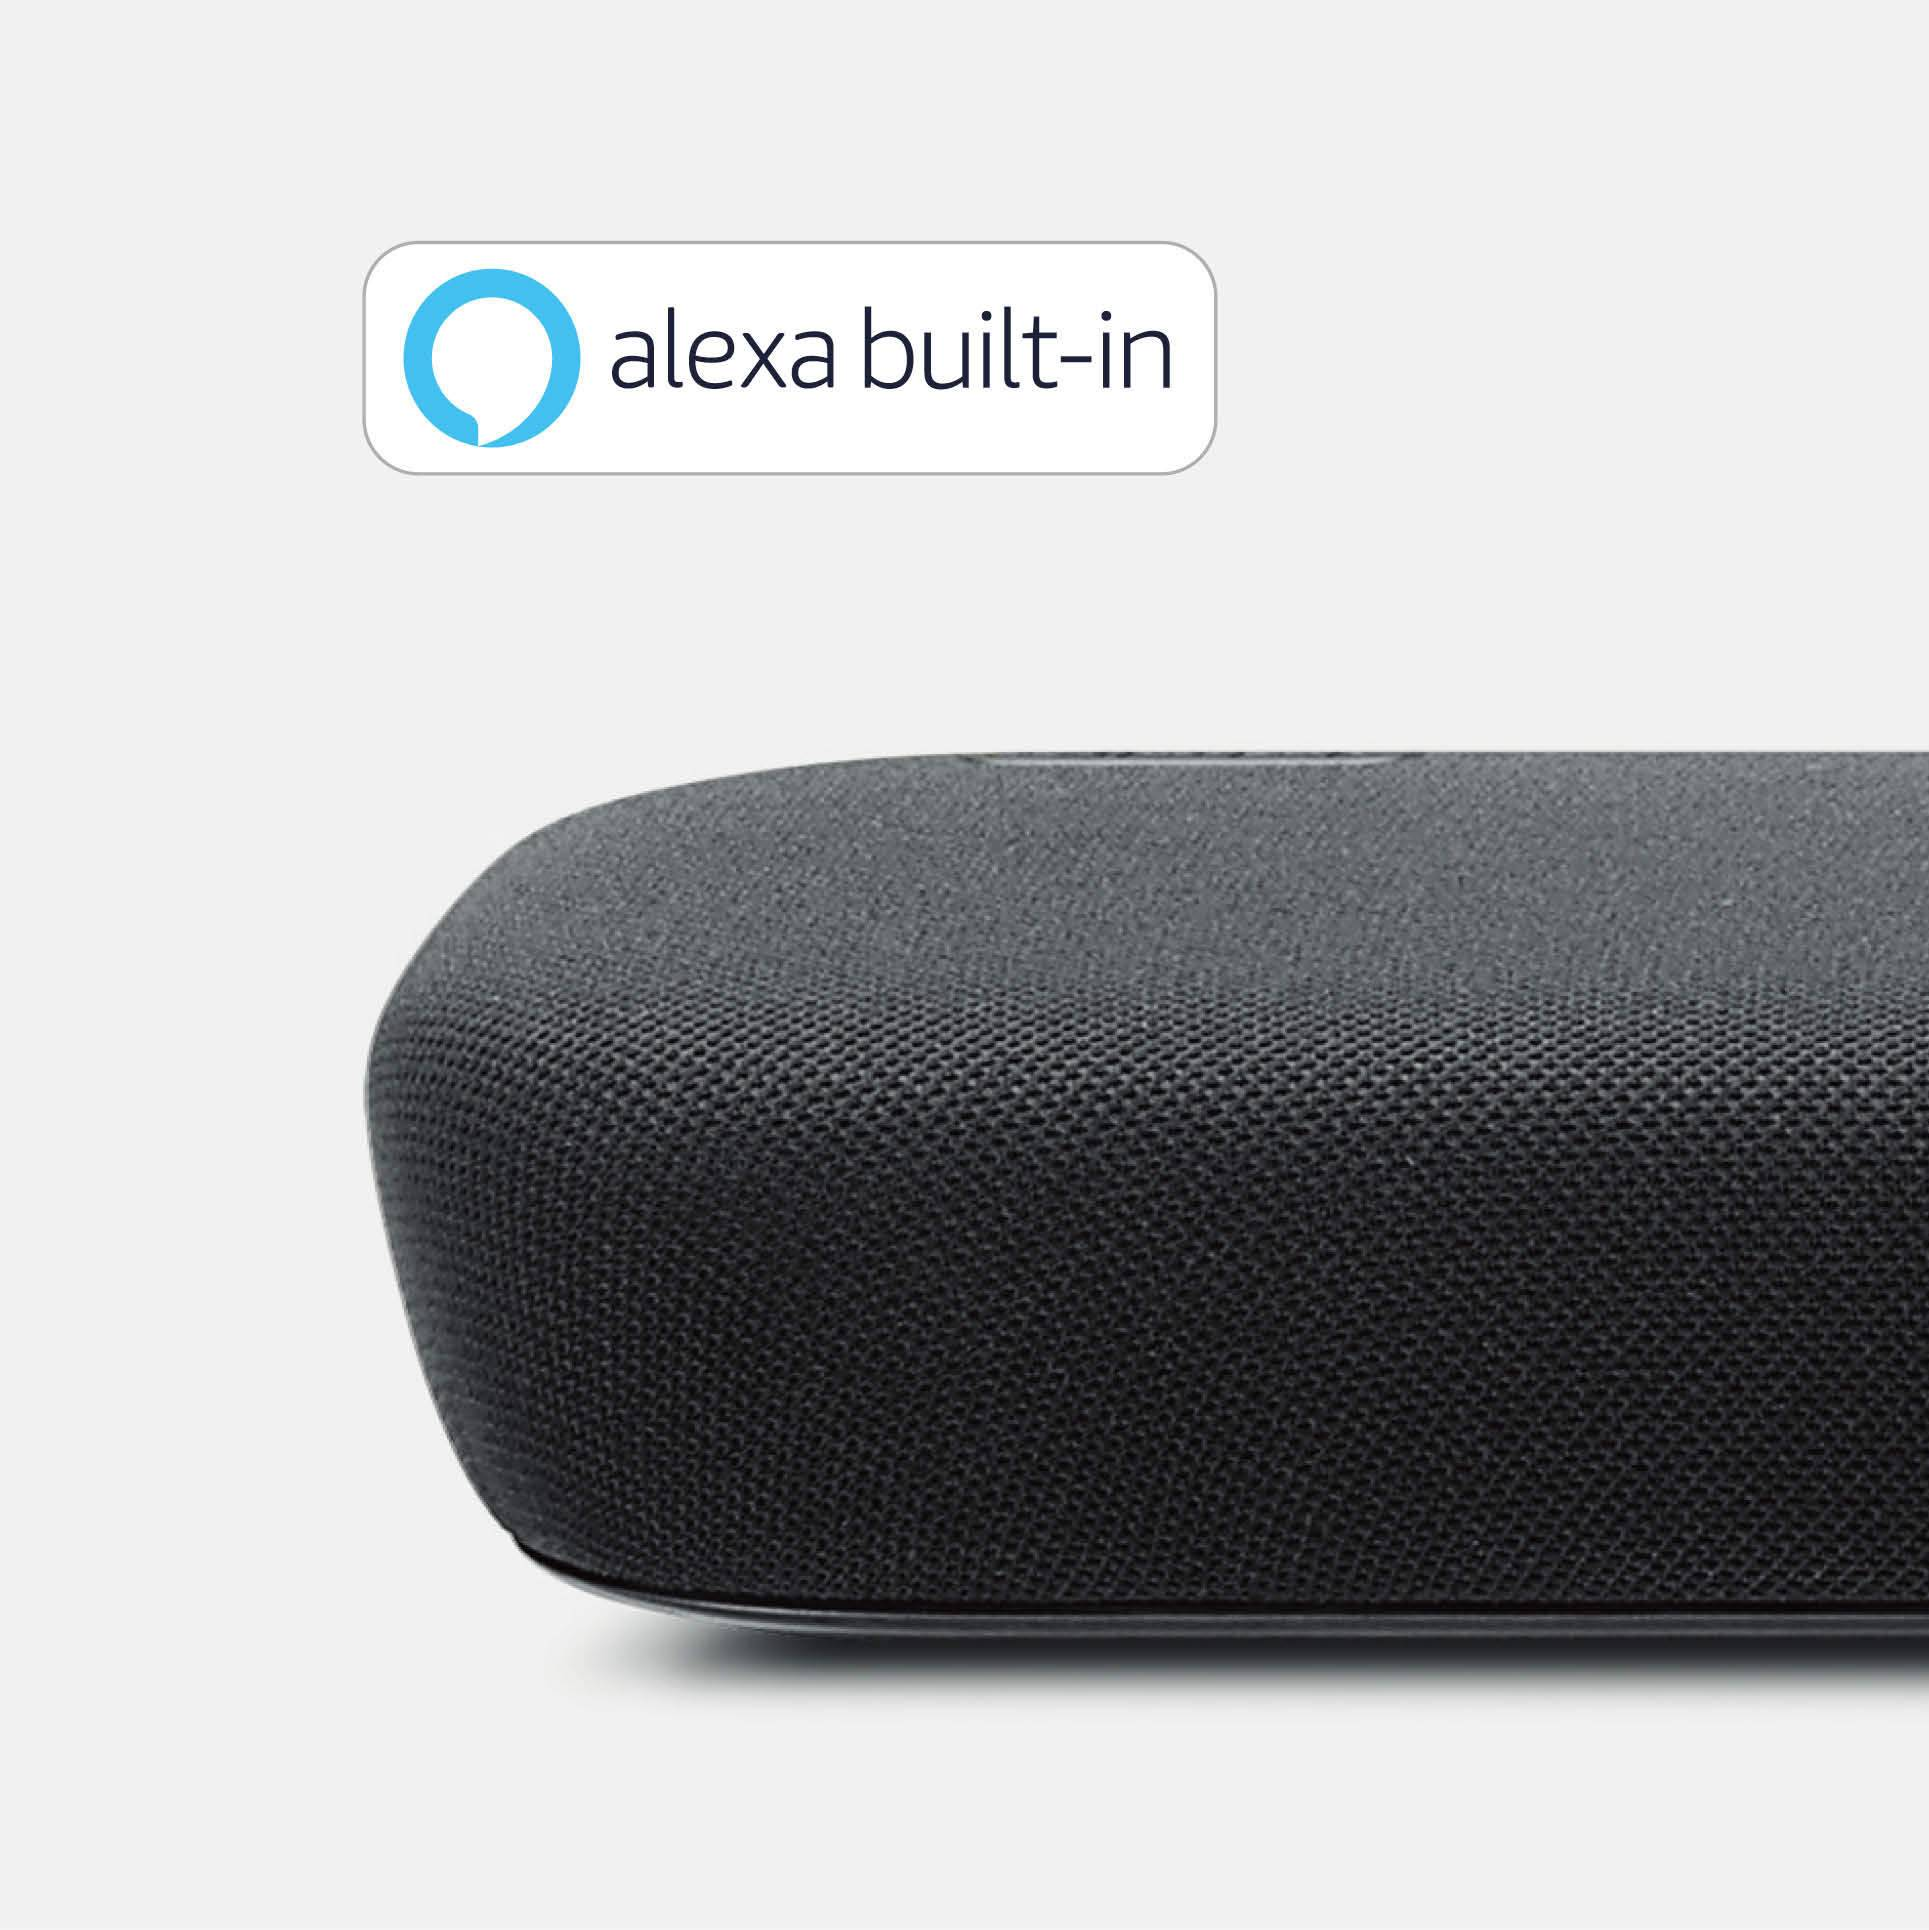 Preinstalled Amazon Alexa